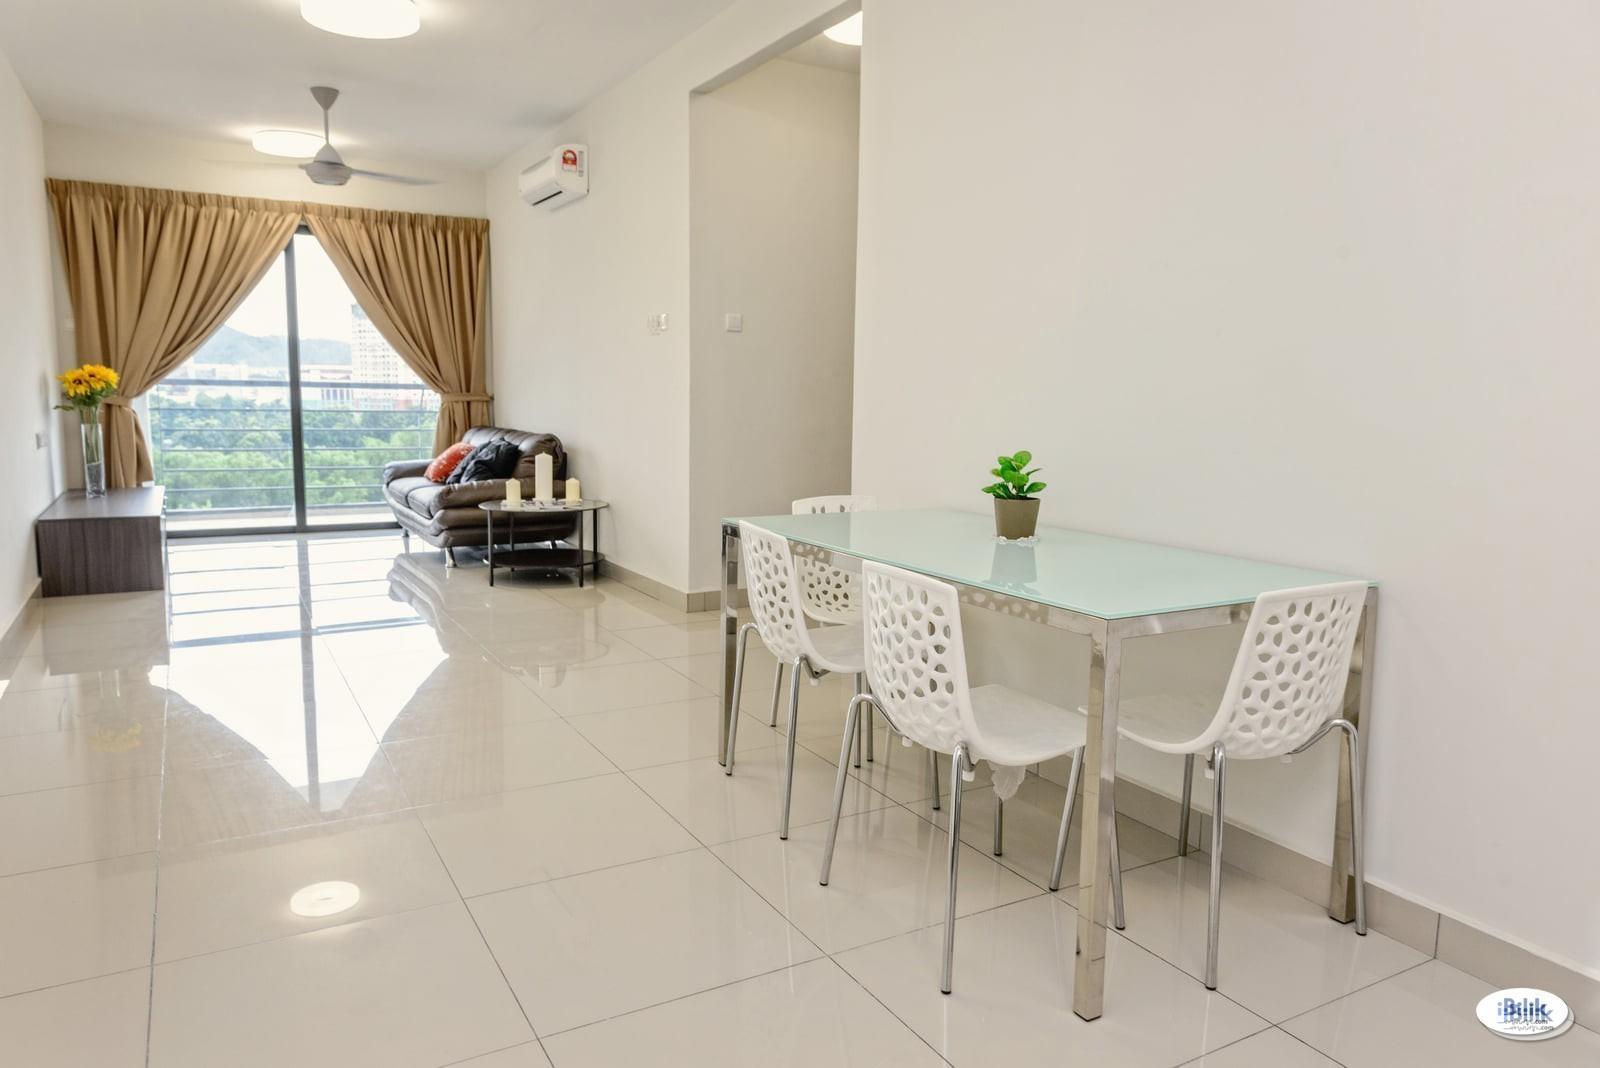 Middle Room at DK Senza, Bandar Sunway